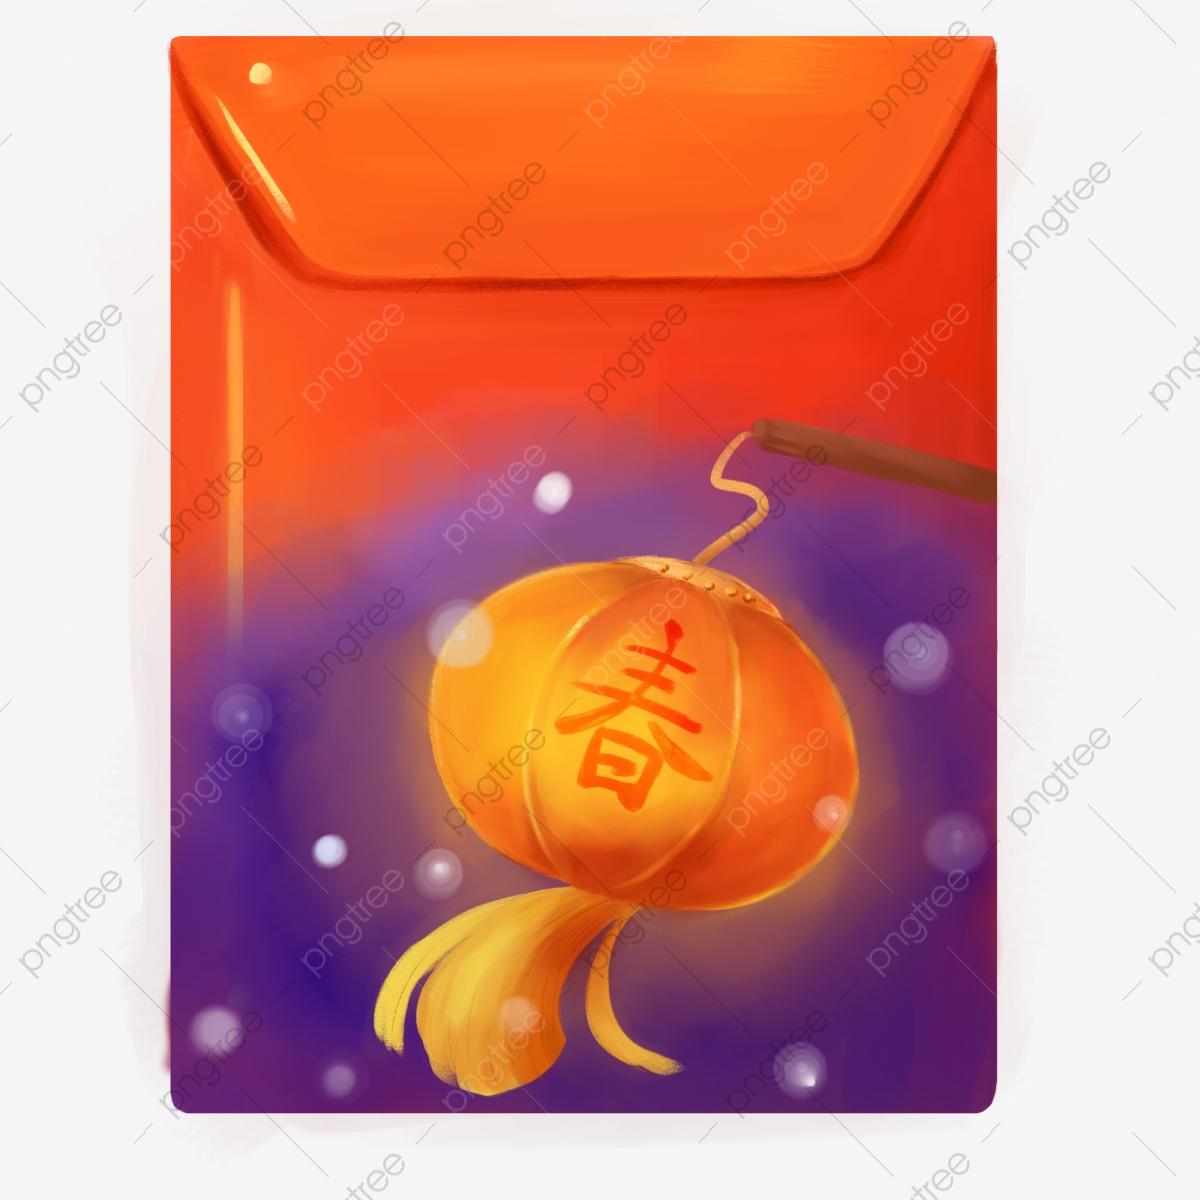 Carte Gratuite De Dessin Animé Enveloppe Rouge Enveloppe dedans Carte Nouvel An Gratuite